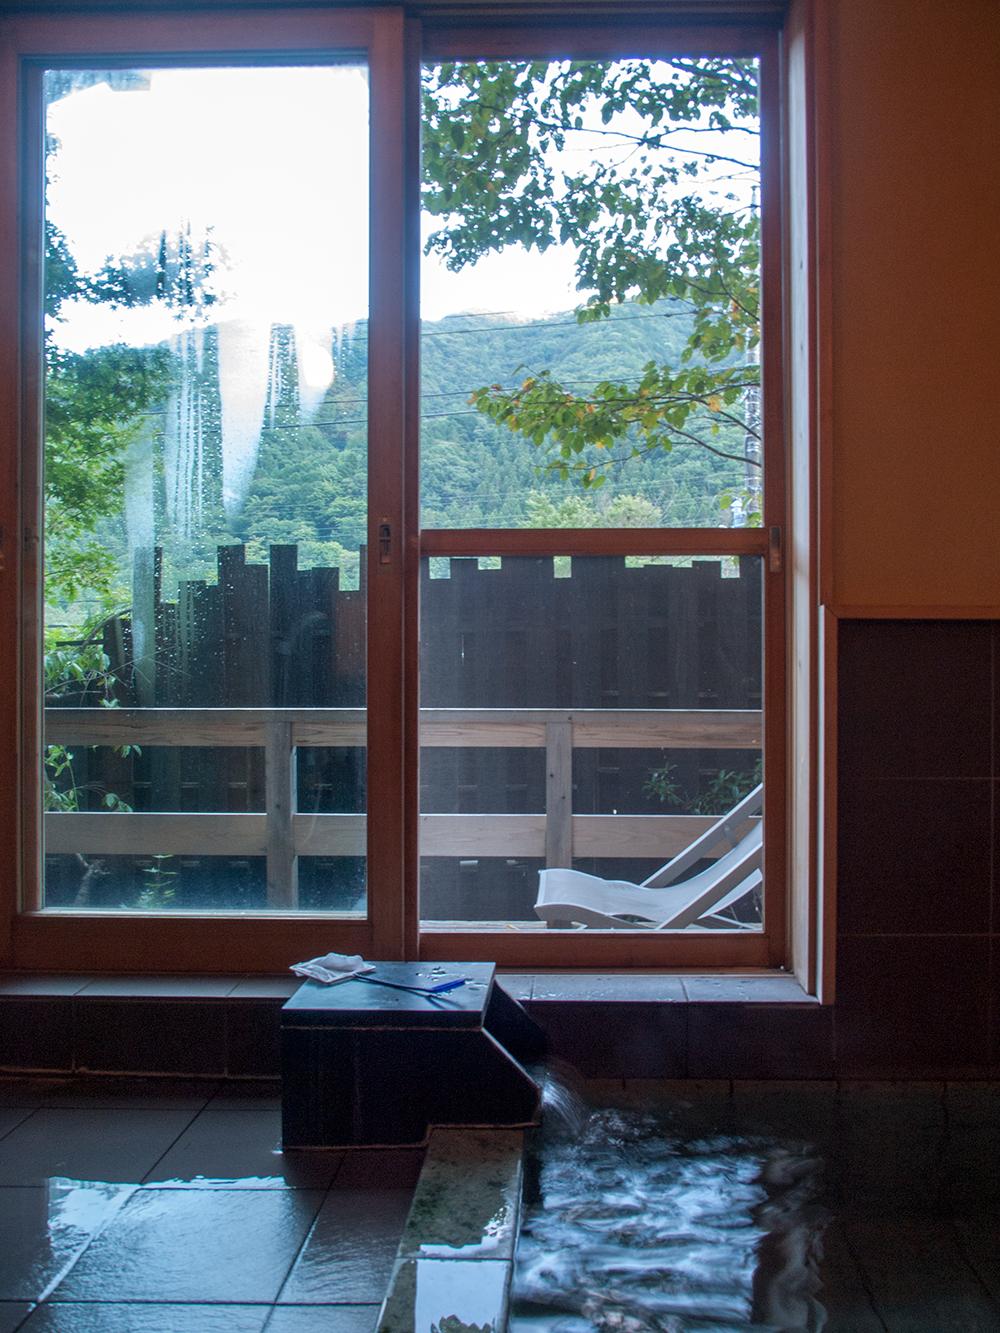 尚文の螢雪の湯 窓からの眺め